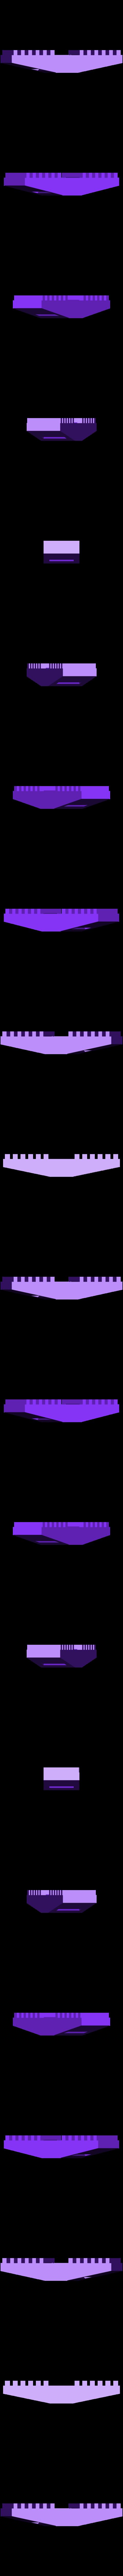 gt2_clip.stl Télécharger fichier STL gratuit Tough Belt Clip • Design imprimable en 3D, MGX